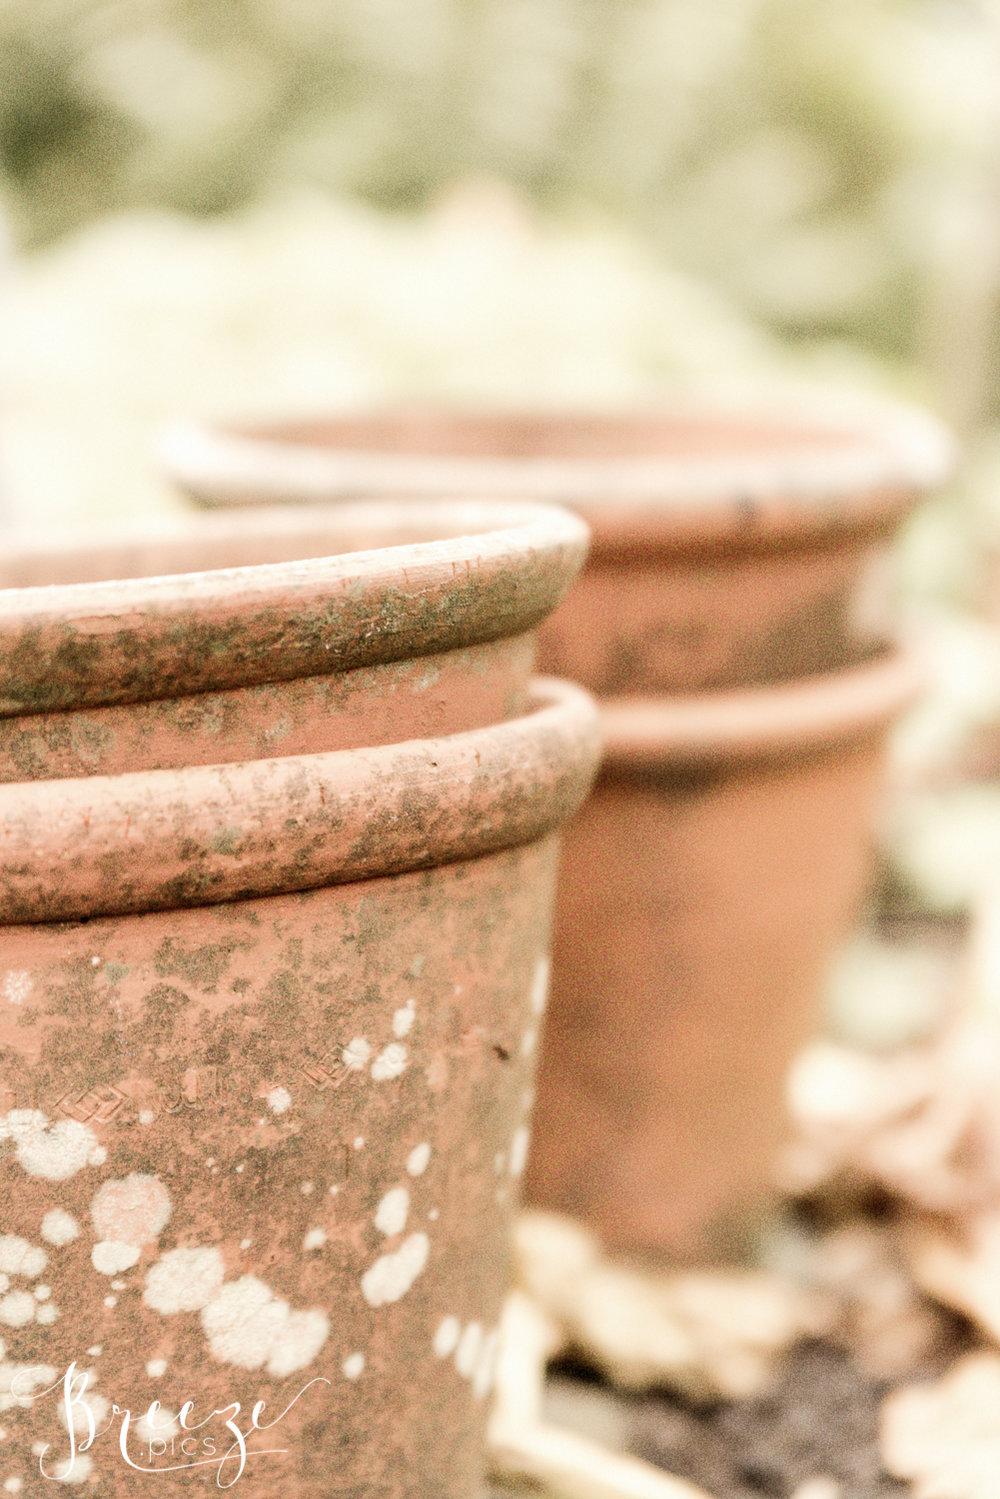 Beatrix_Potter's_plant_pots.jpg